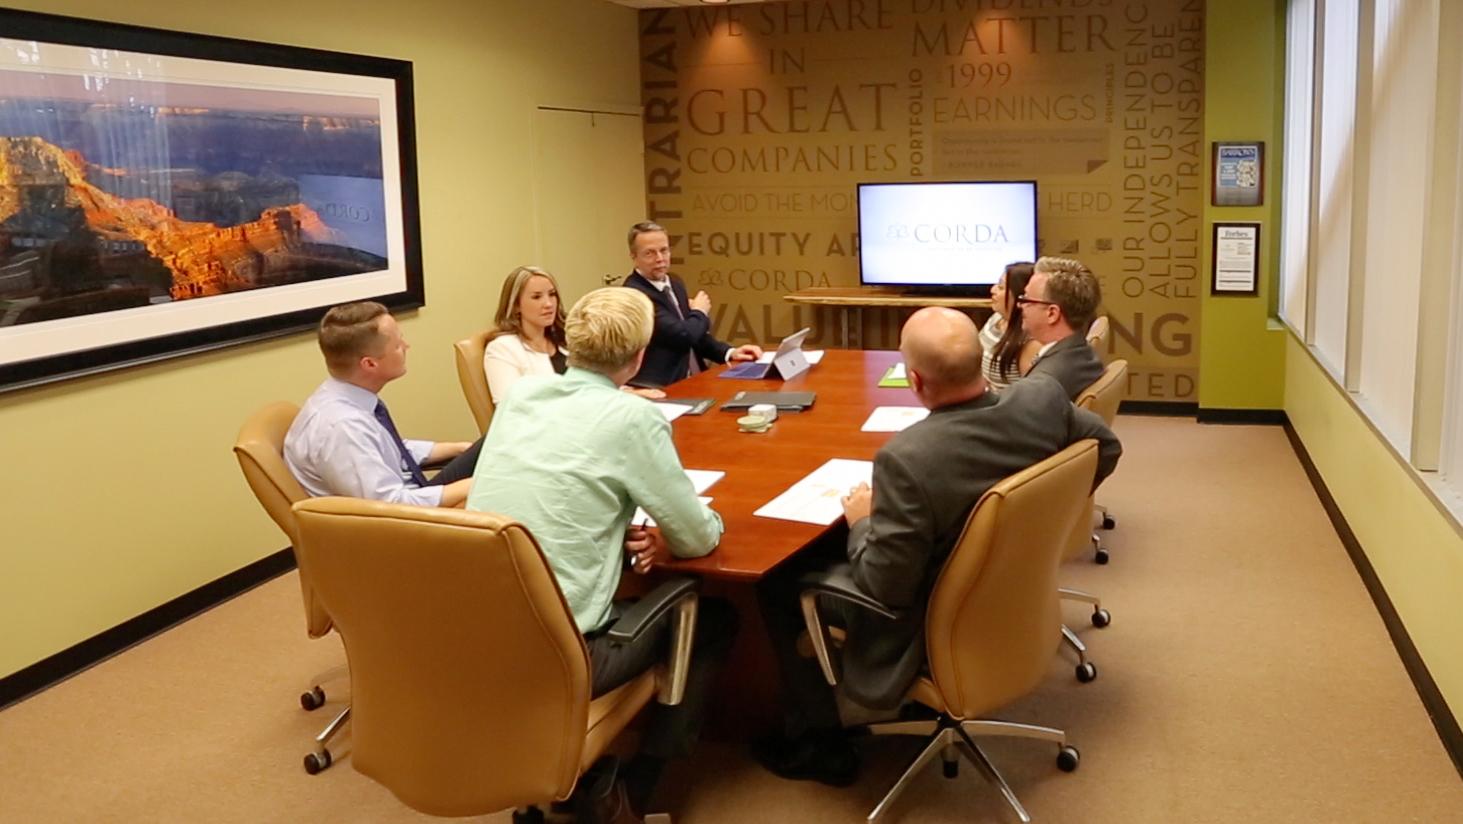 Corda Conference Room